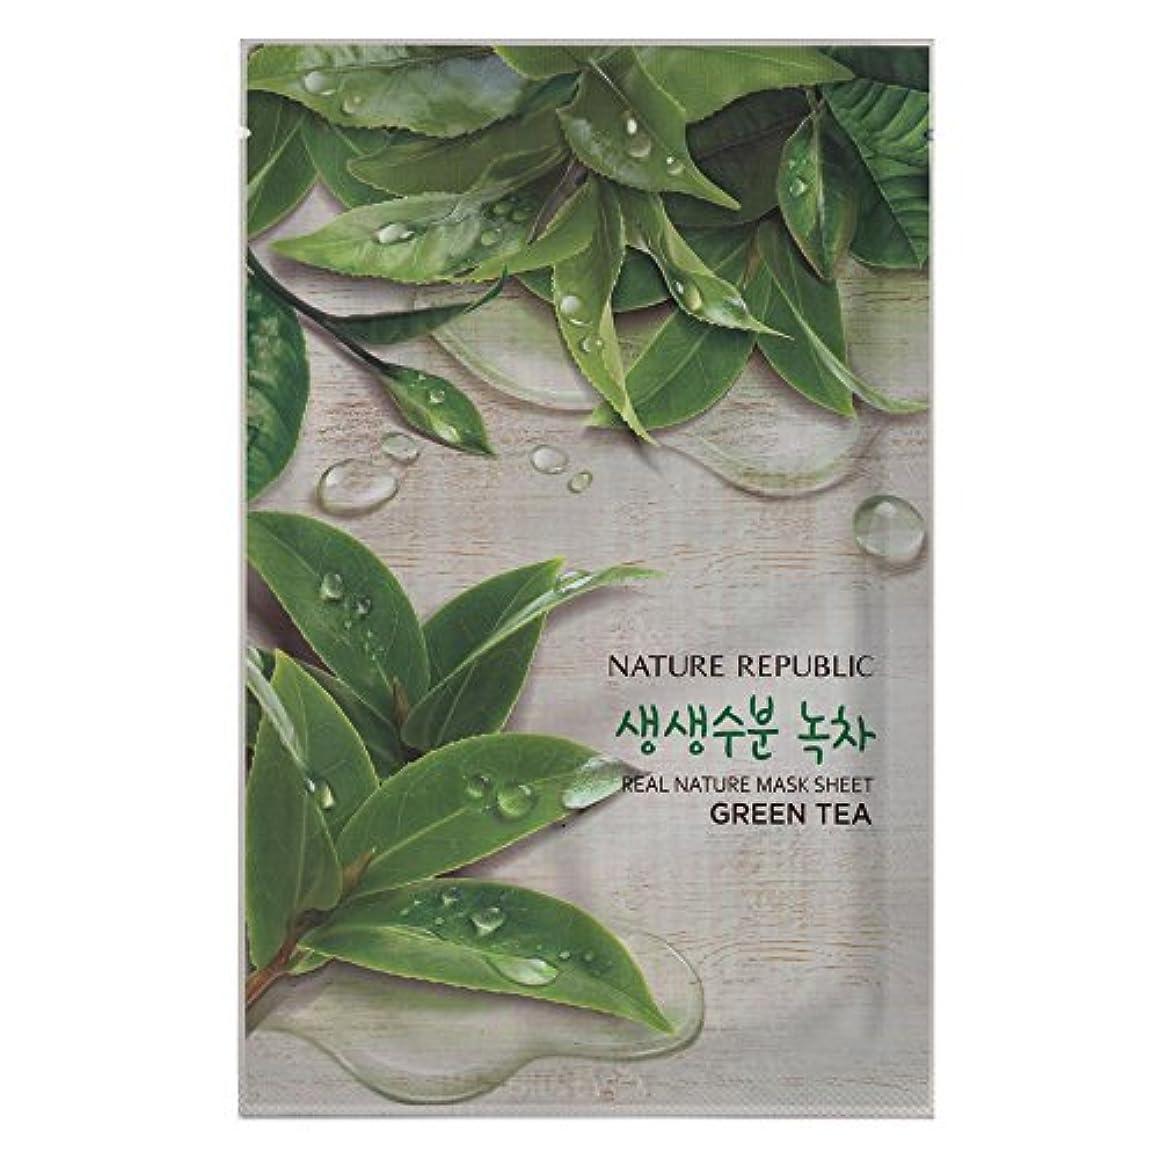 まで意図的怠[NATURE REPUBLIC] リアルネイチャー マスクシート Real Nature Mask Sheet (Green Tea (緑茶) 10個) [並行輸入品]